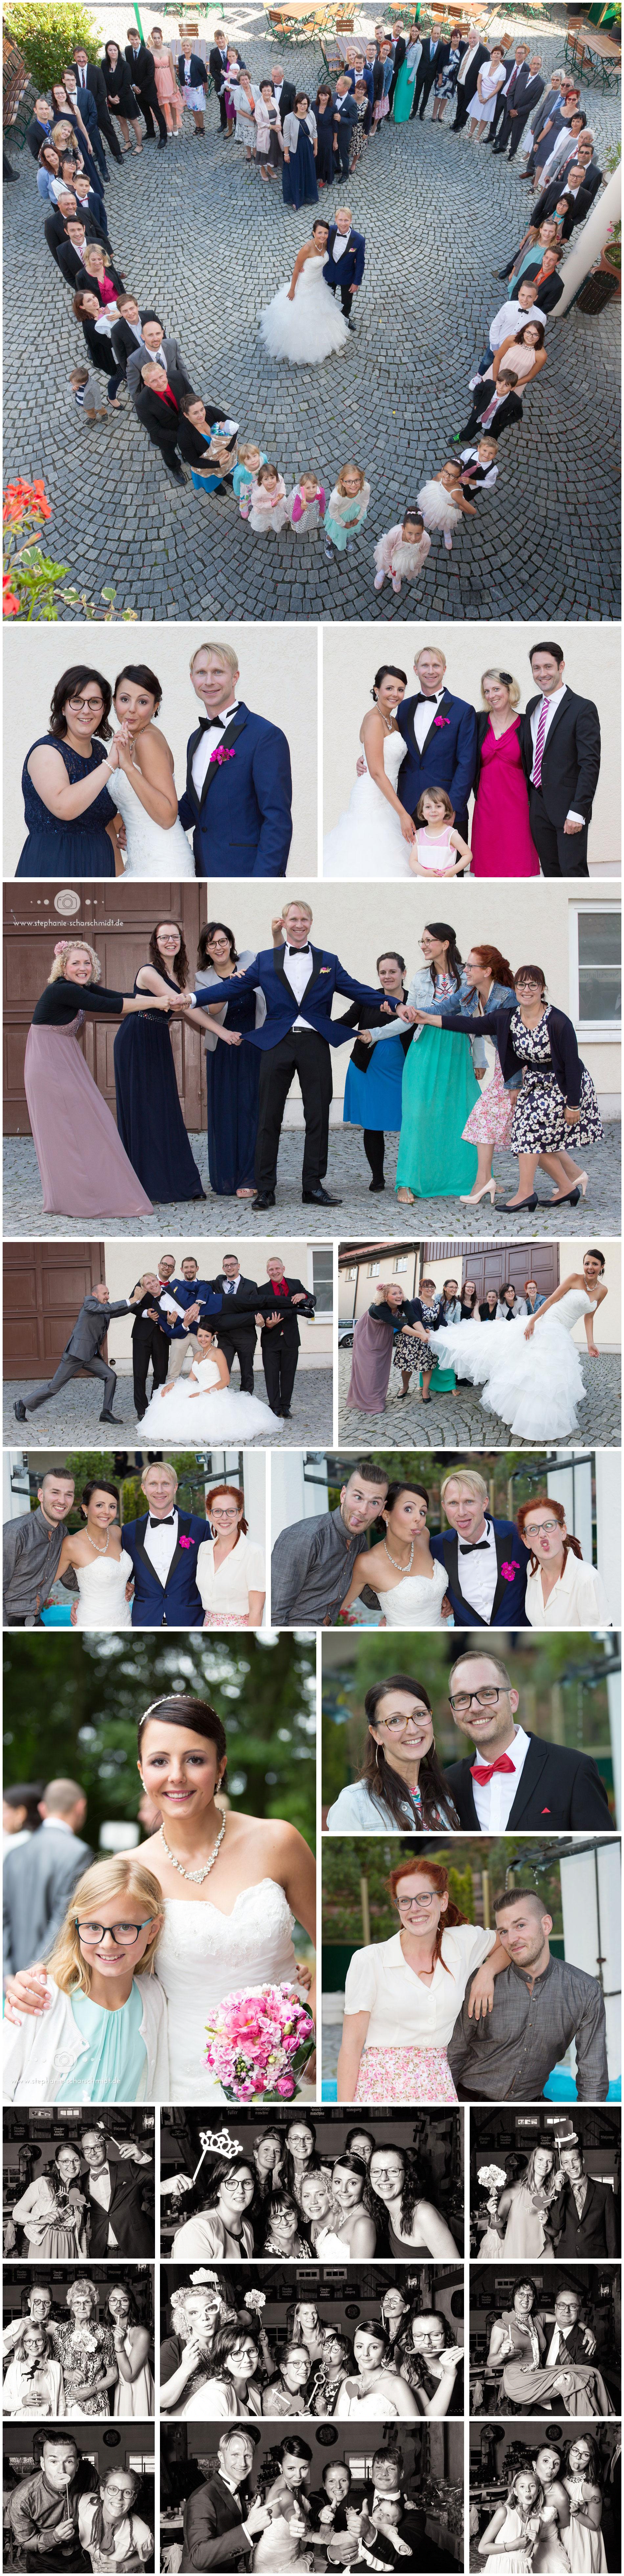 witzige Gruppenfotos auf Hochzeit Wernesgrün Brauerei - Hochzeitsfotograf Stephanie Scharschmidt